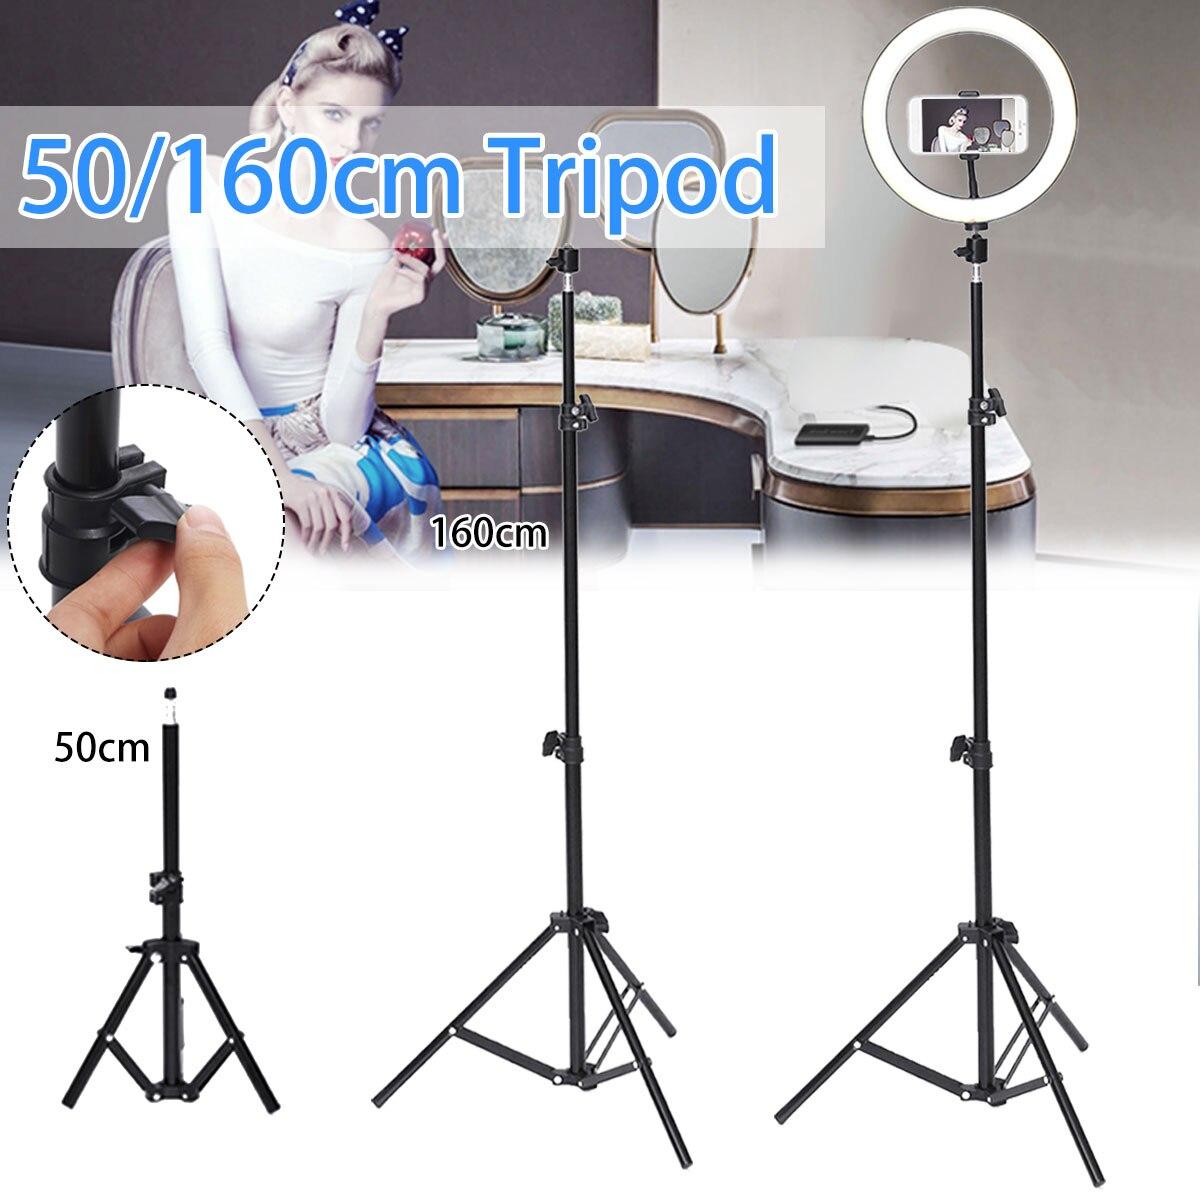 160/50cm de aleación de aluminio fotografía trípode luz soportes teléfono soporte para maquillaje vídeo en vivo fotografía estudio Cámara foto